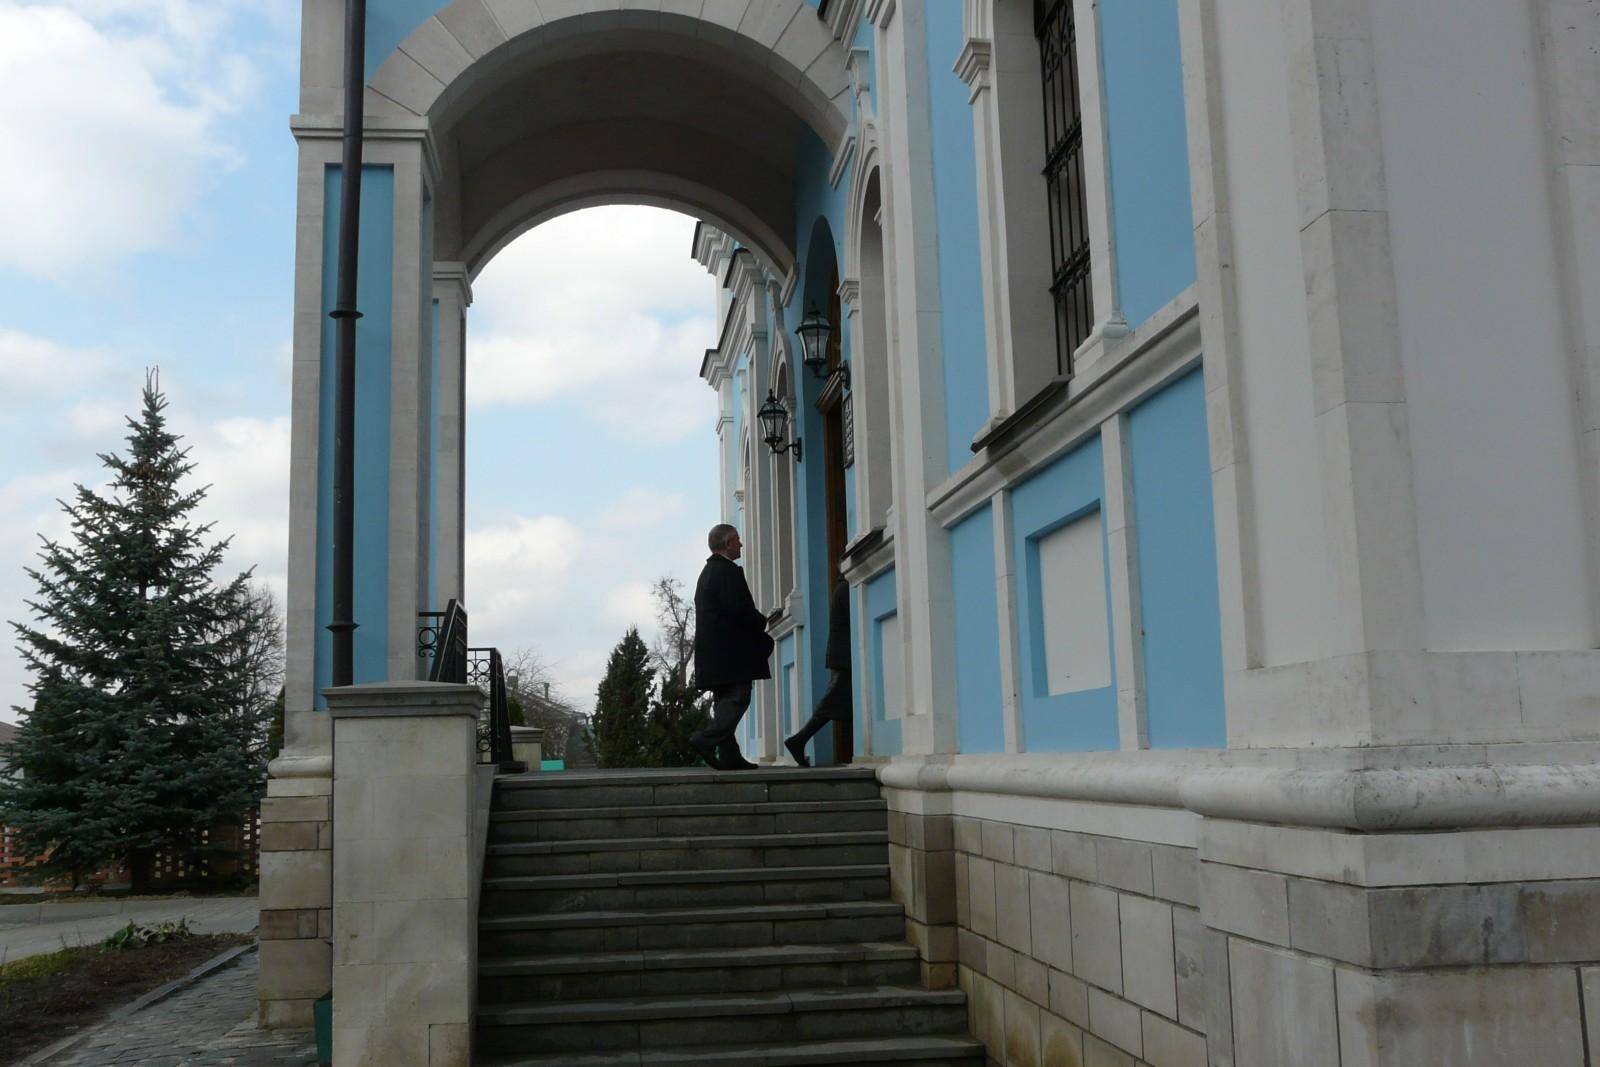 Пред дверьми храма Твоего предстою…